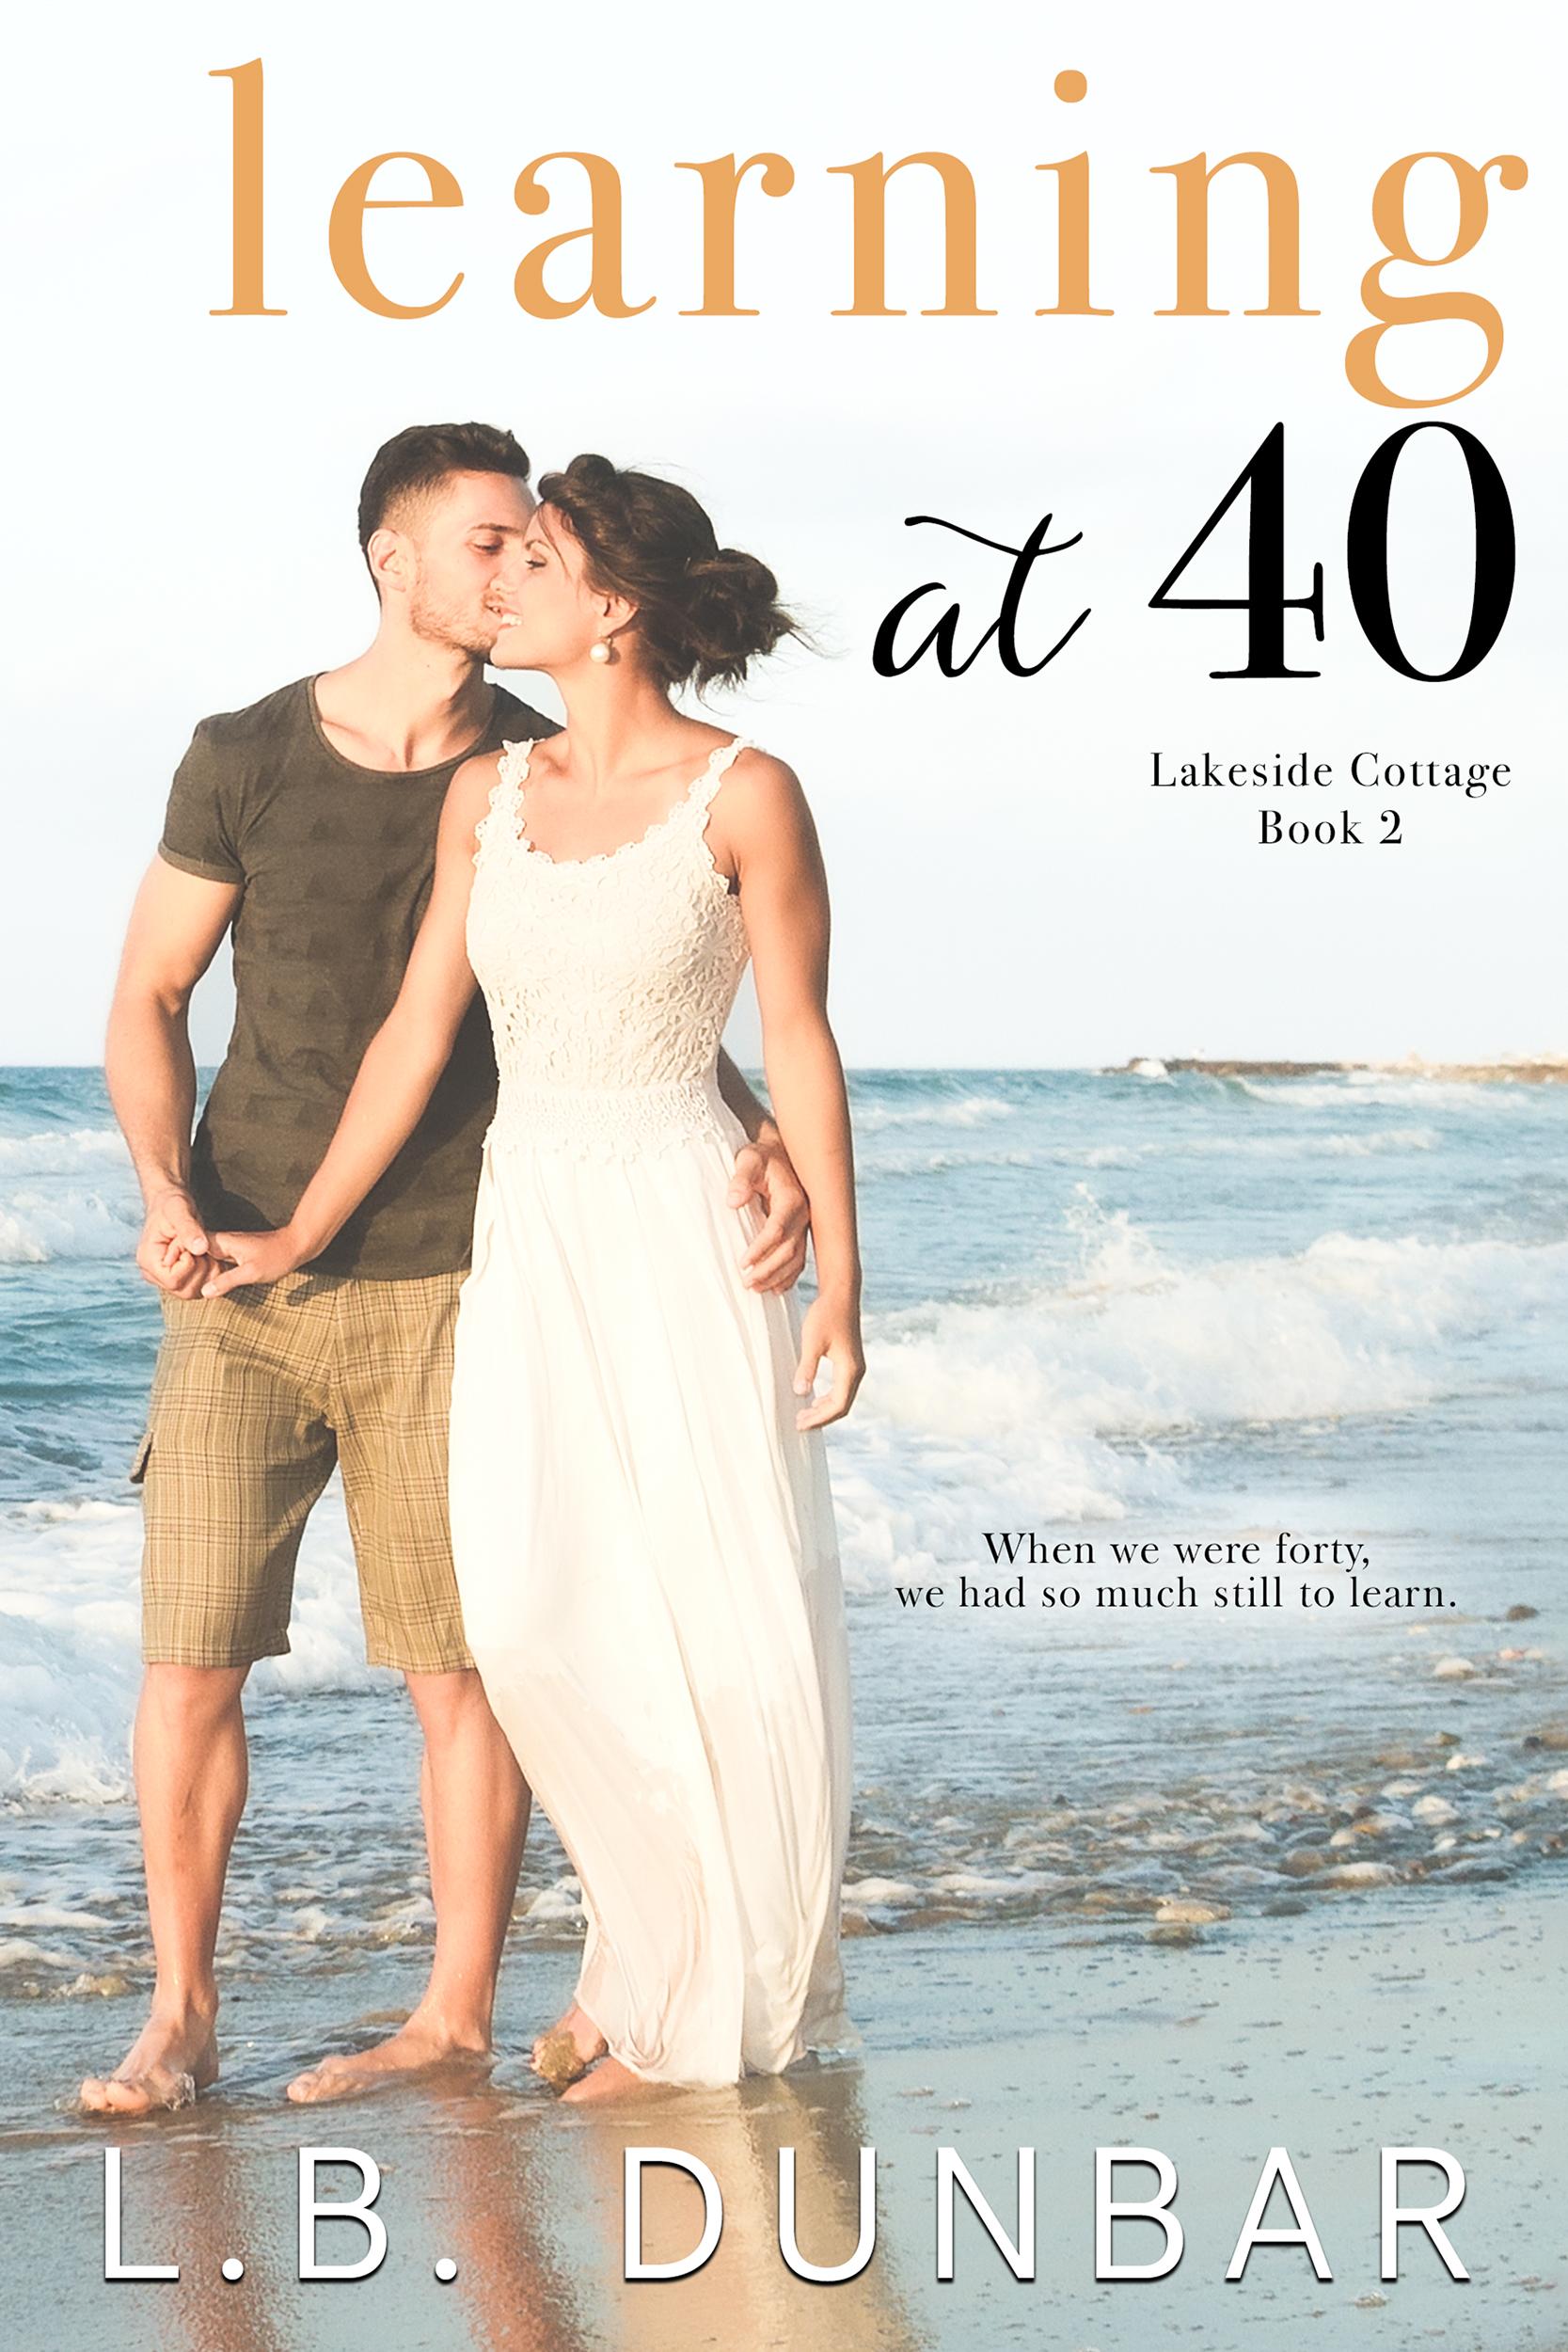 Learningat40-Amazon